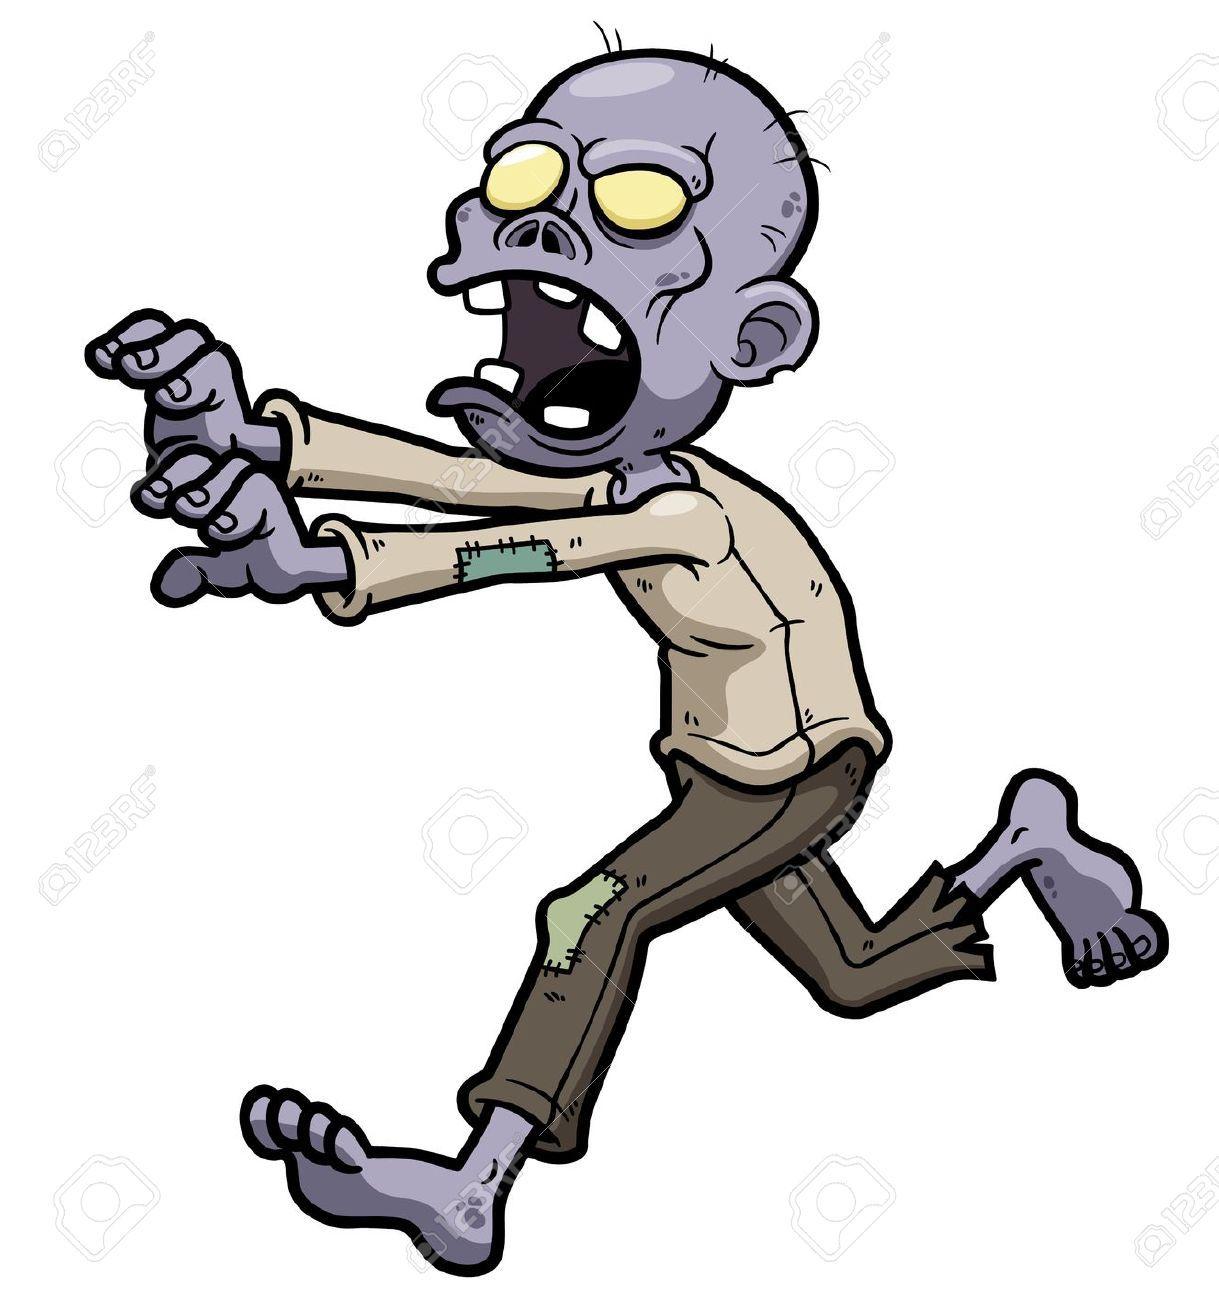 Zombie clipart royalty free. Cartoon cliparts stock vector